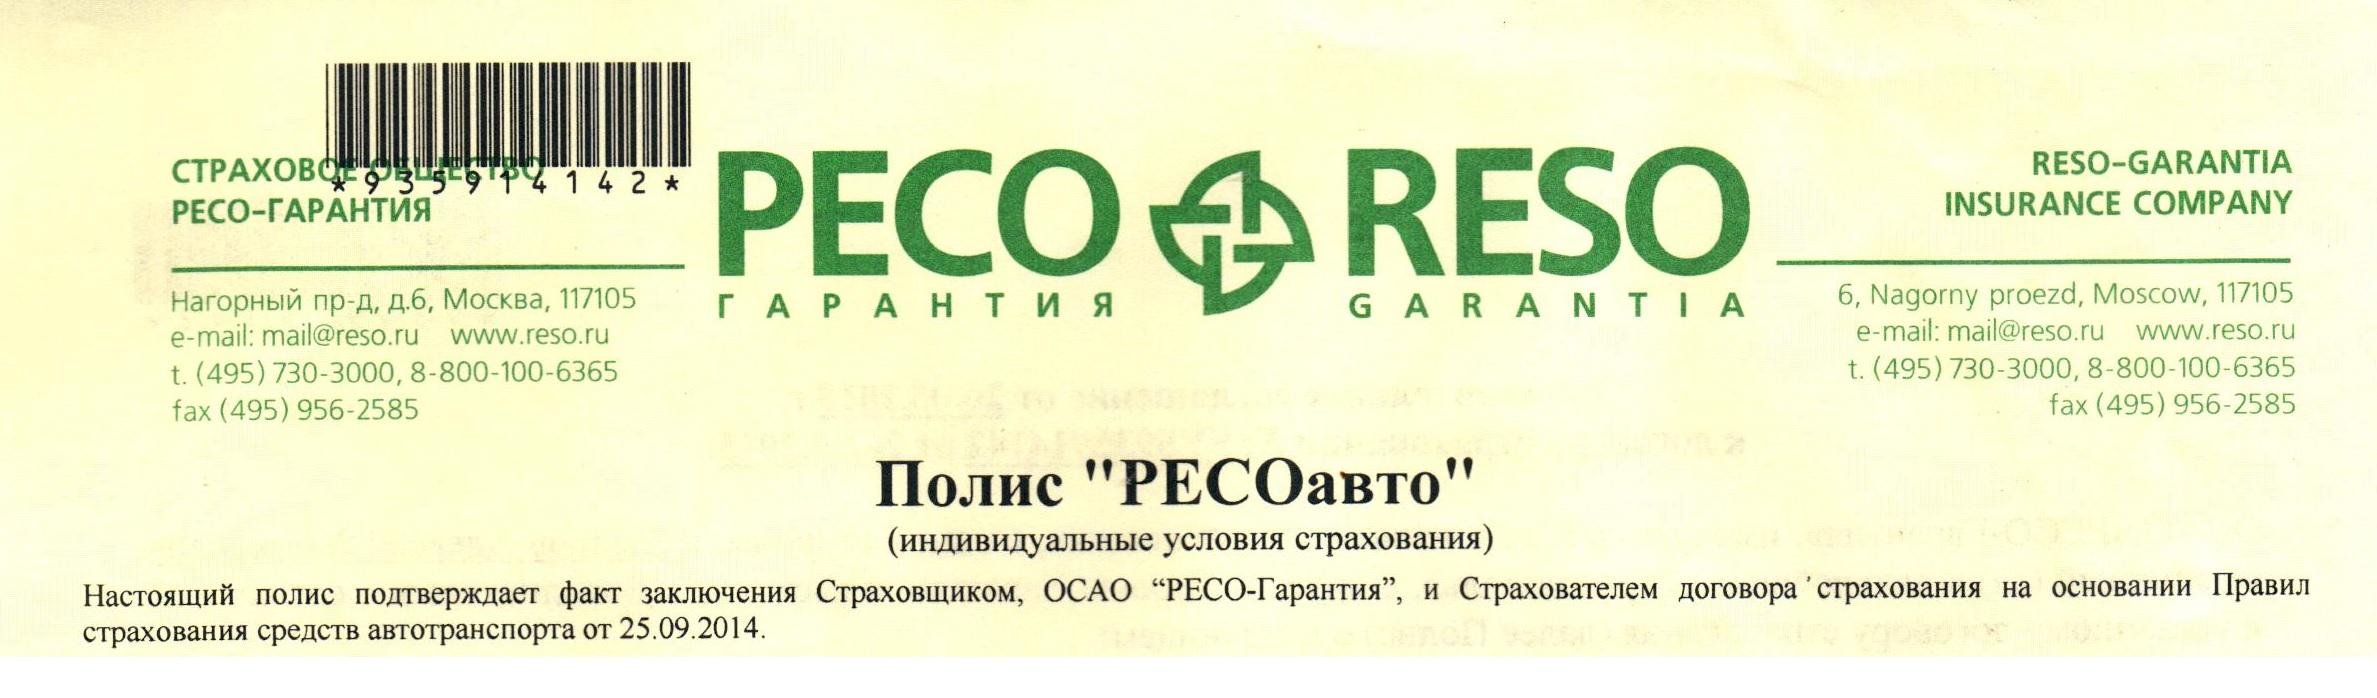 Купить полис ресо онлайн